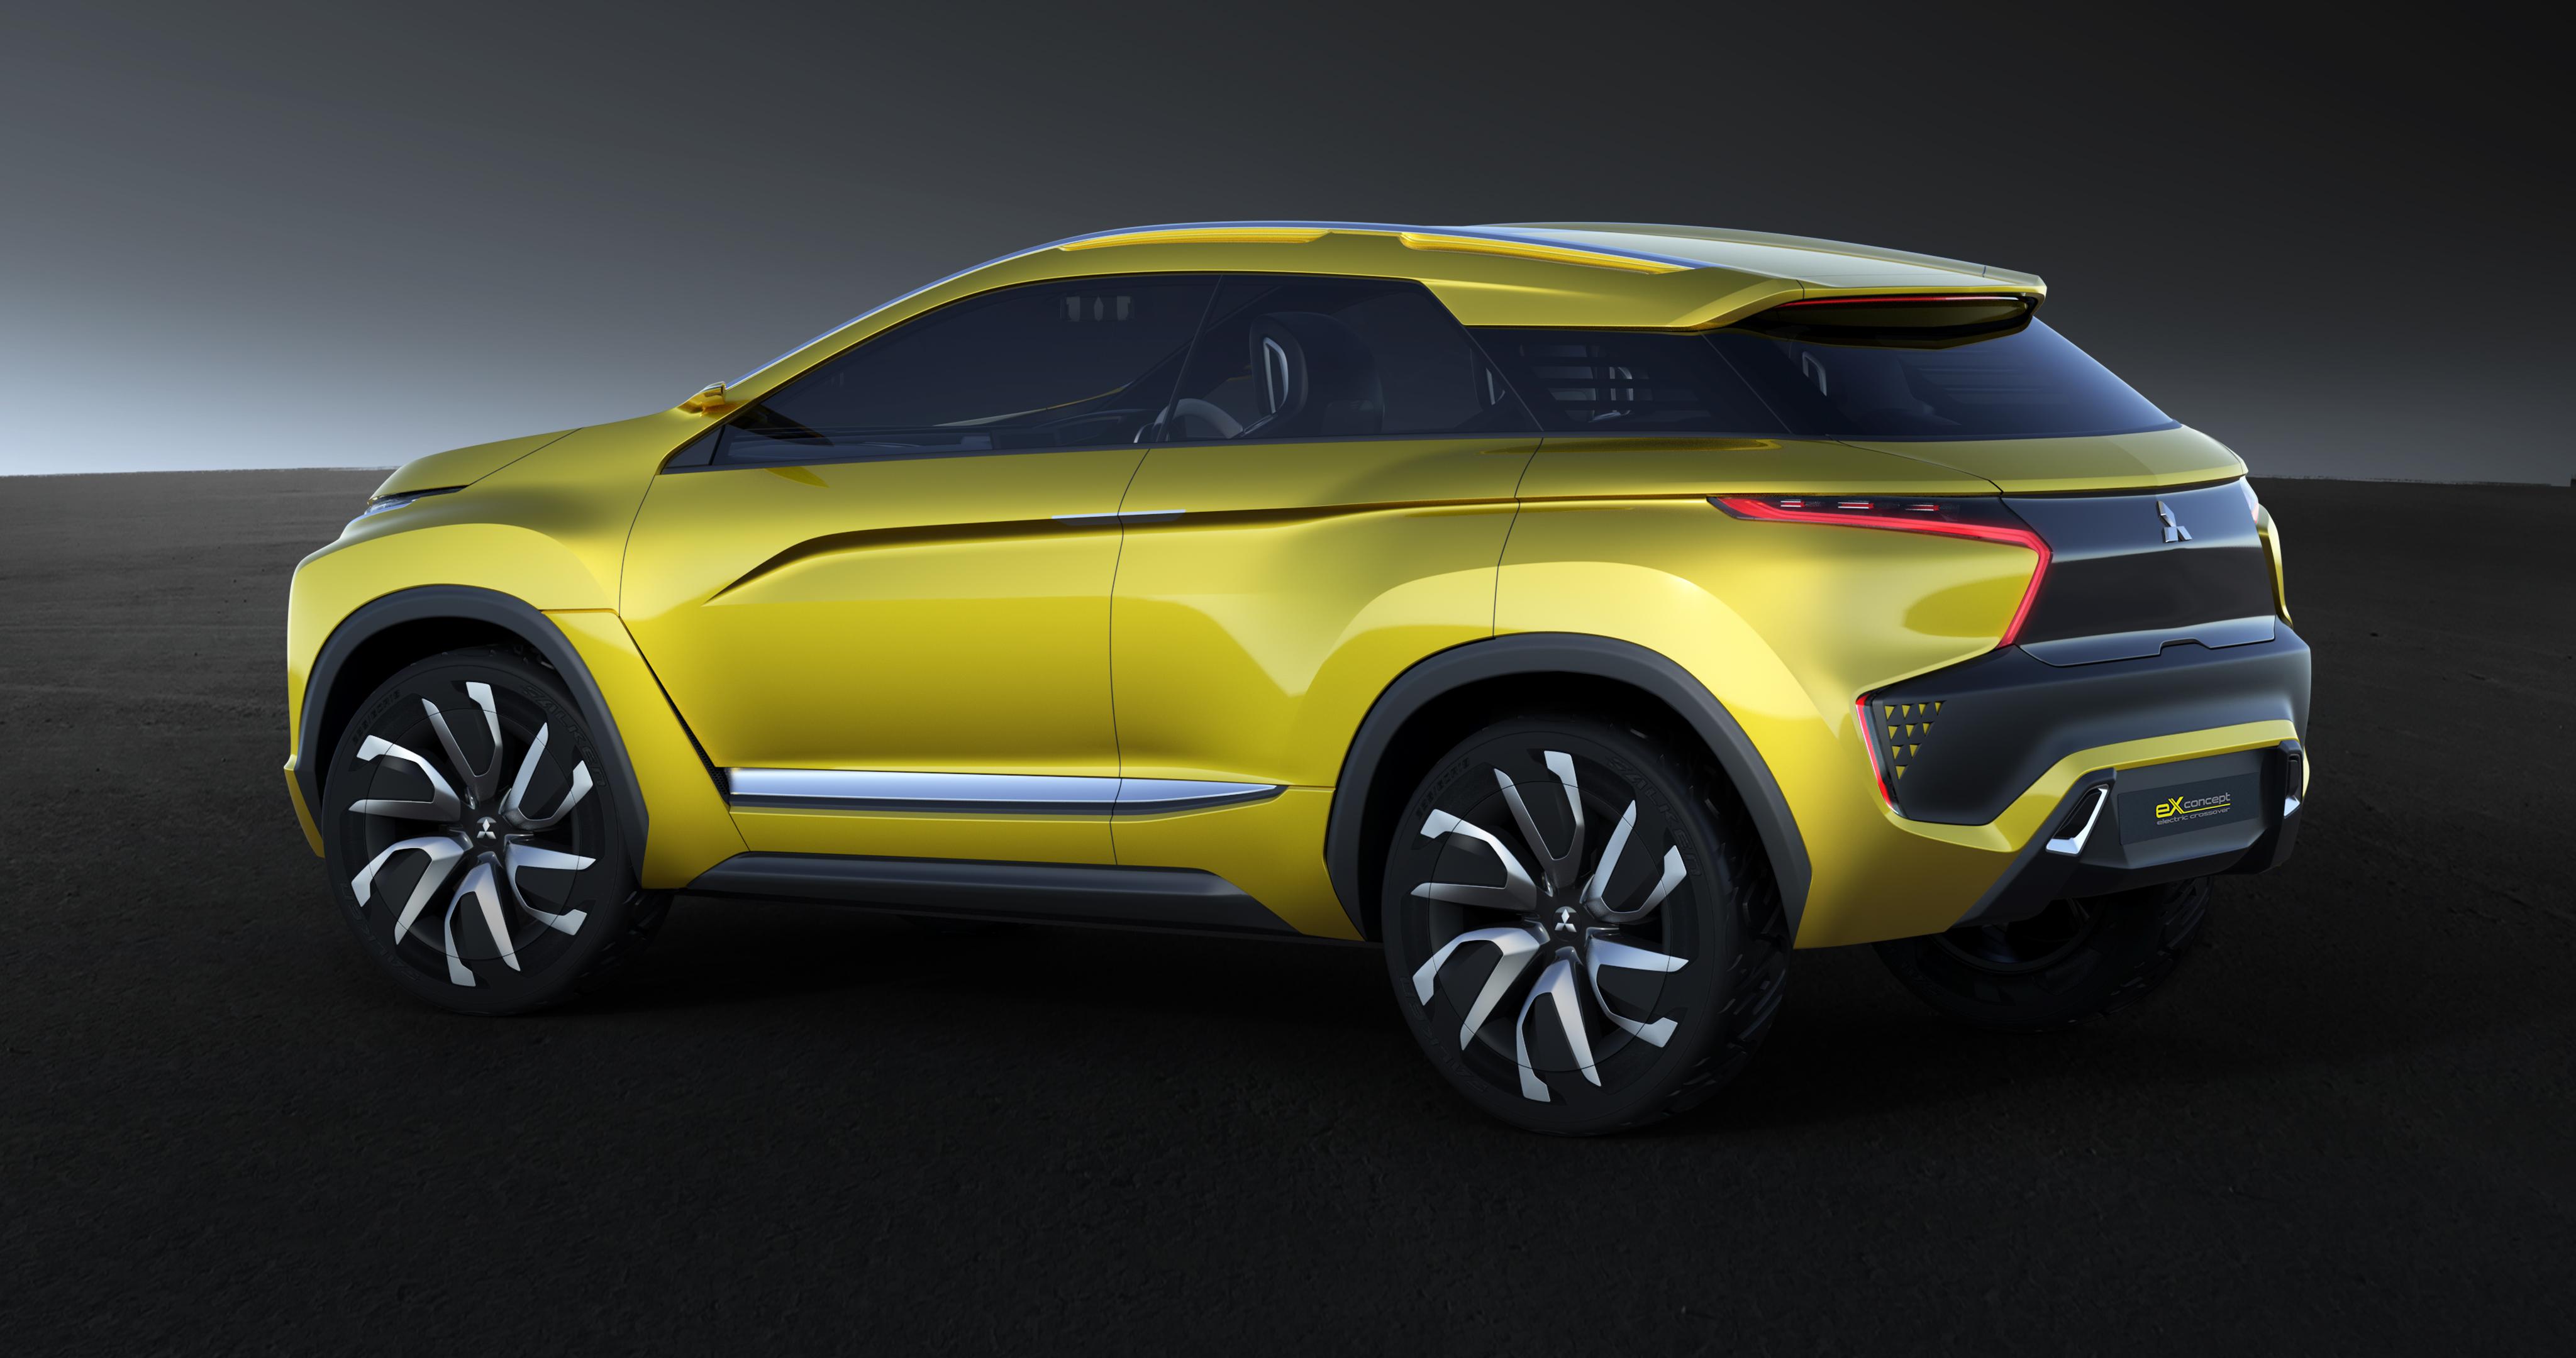 Mitsubishi Suv 2015 >> Mitsubishi eX Concept – EV SUV set for Tokyo debut Image ...